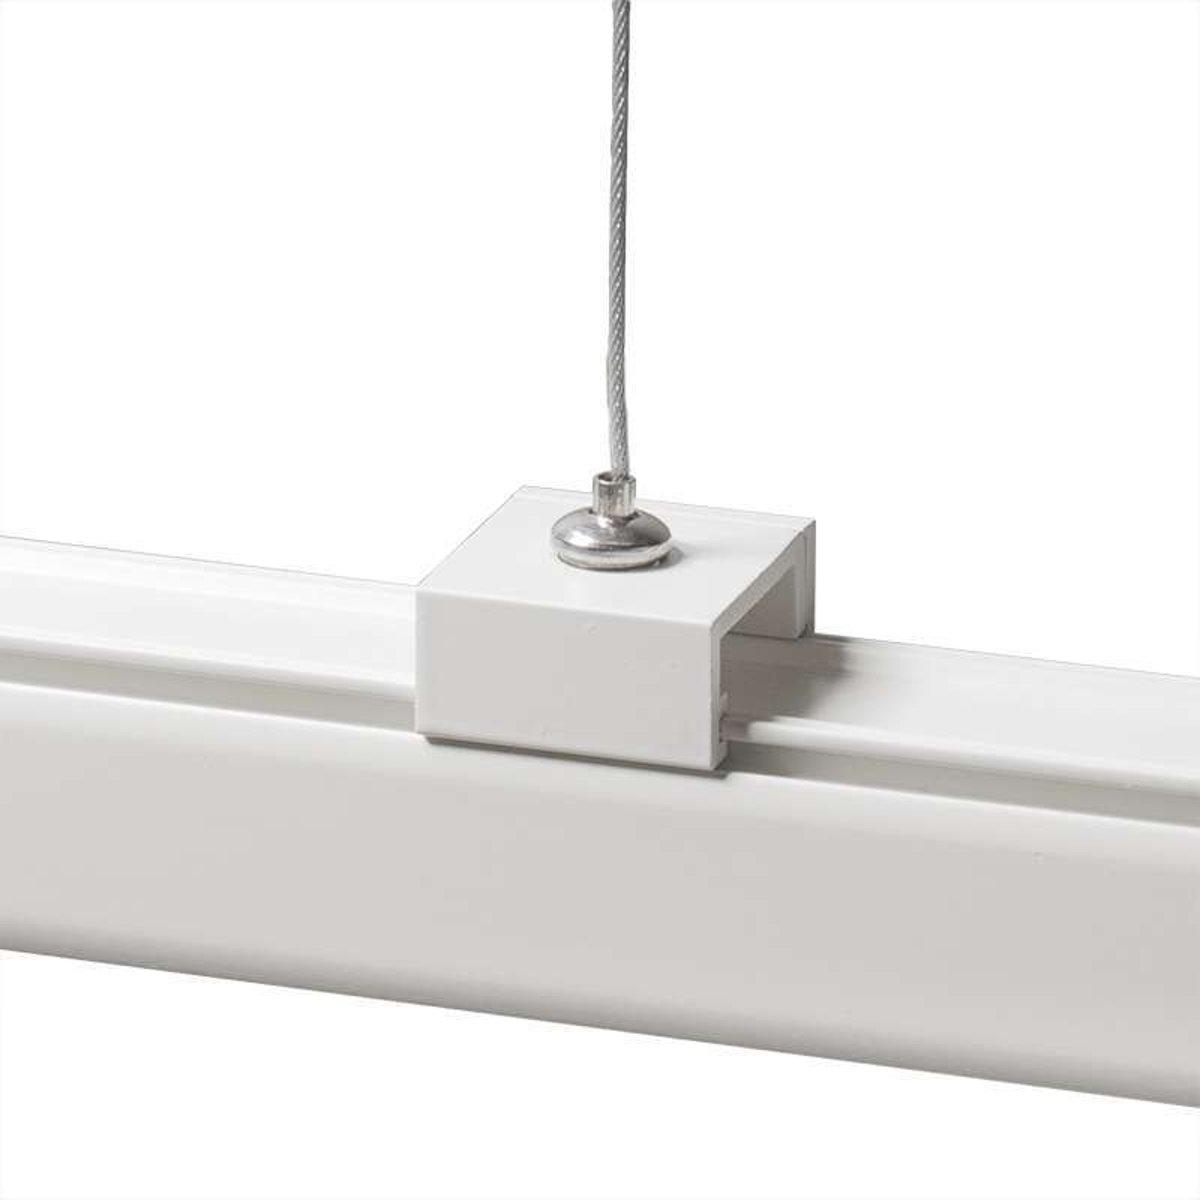 QAZQA Suspension - 3-fase railsysteem rail -  Lichts - Ø5 cm - wit kopen